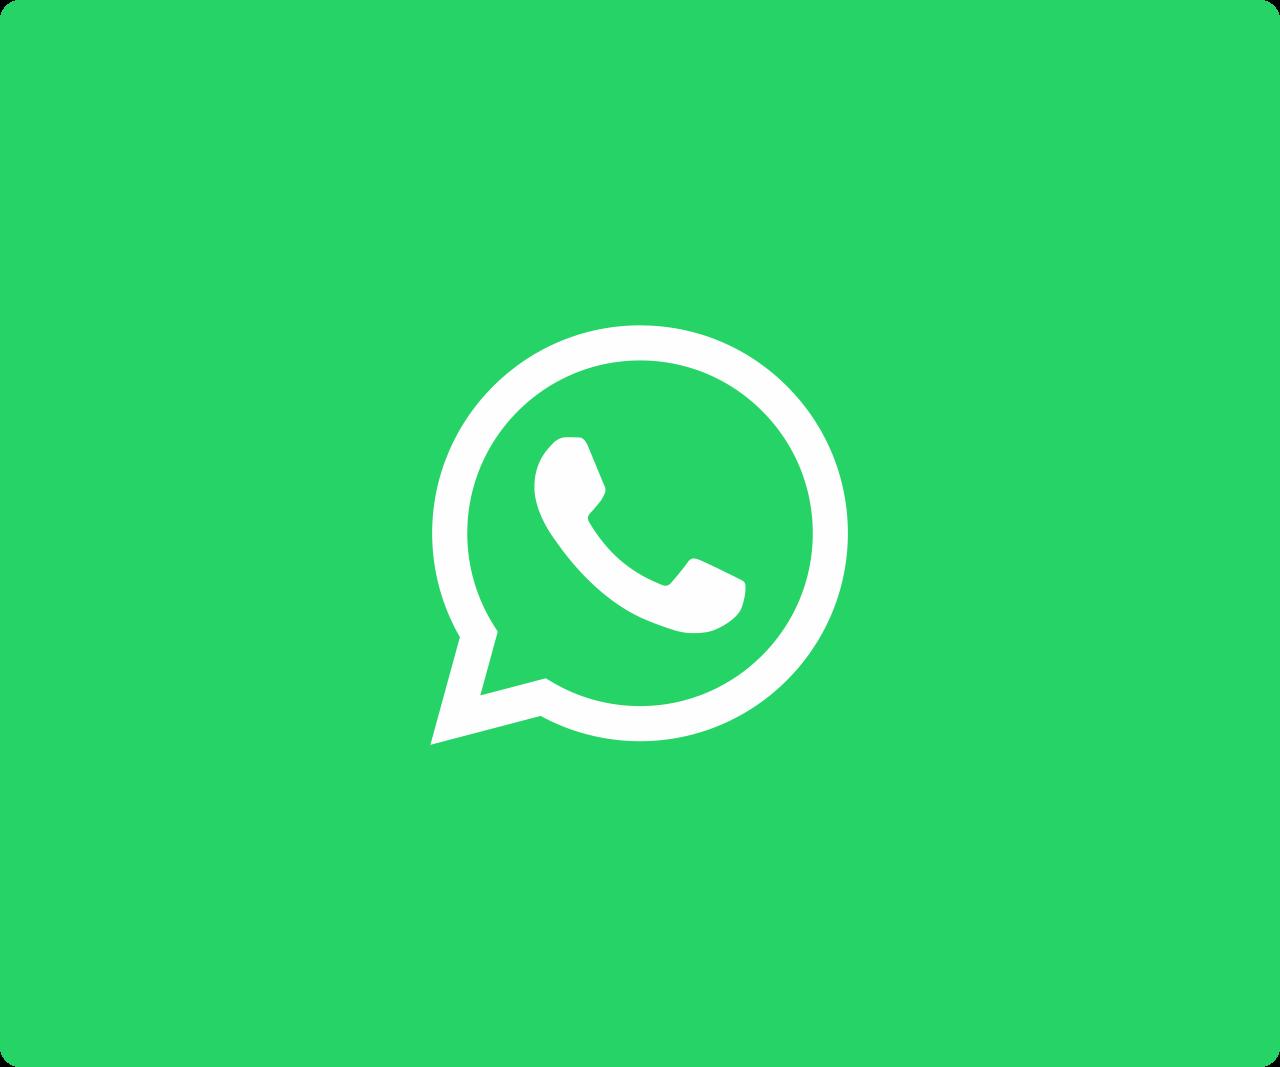 Whatsapp Marketing Für Unternehmen Dialog Push Sharing